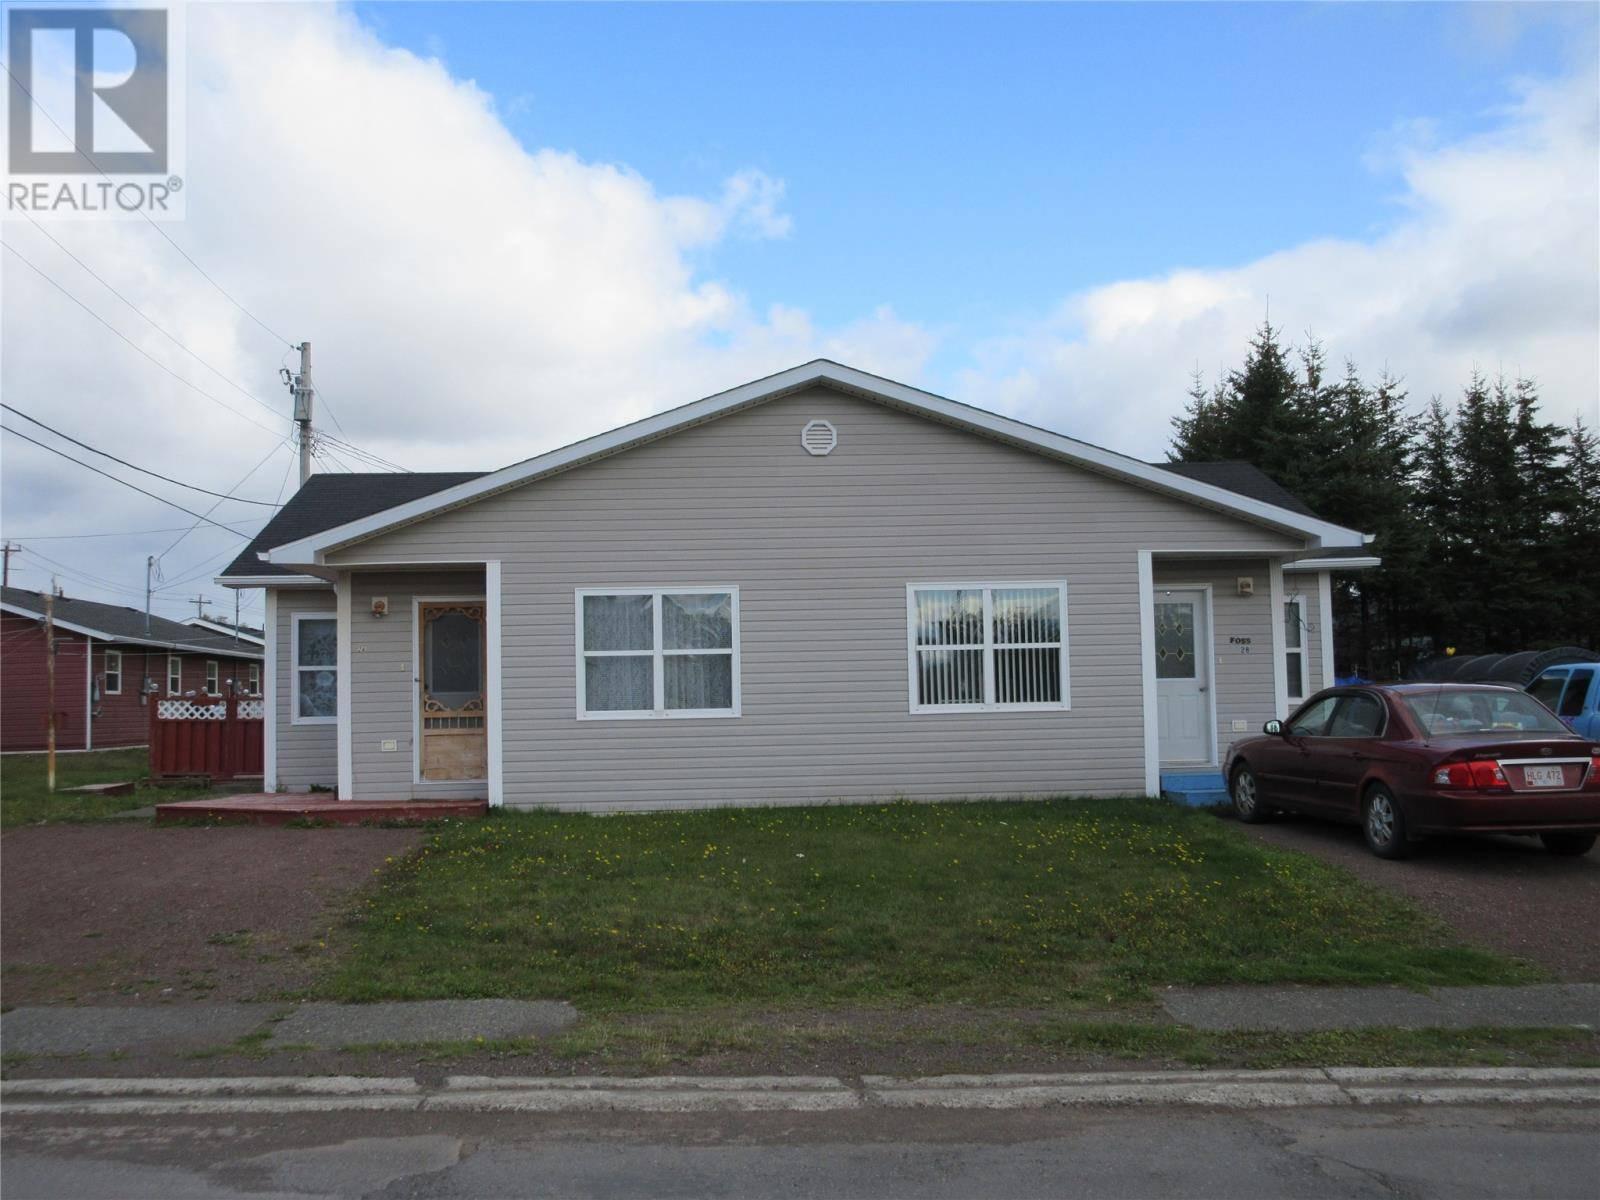 House for sale at 2 Kinsman Dr Unit 2 Bishop's Falls Newfoundland - MLS: 1204875